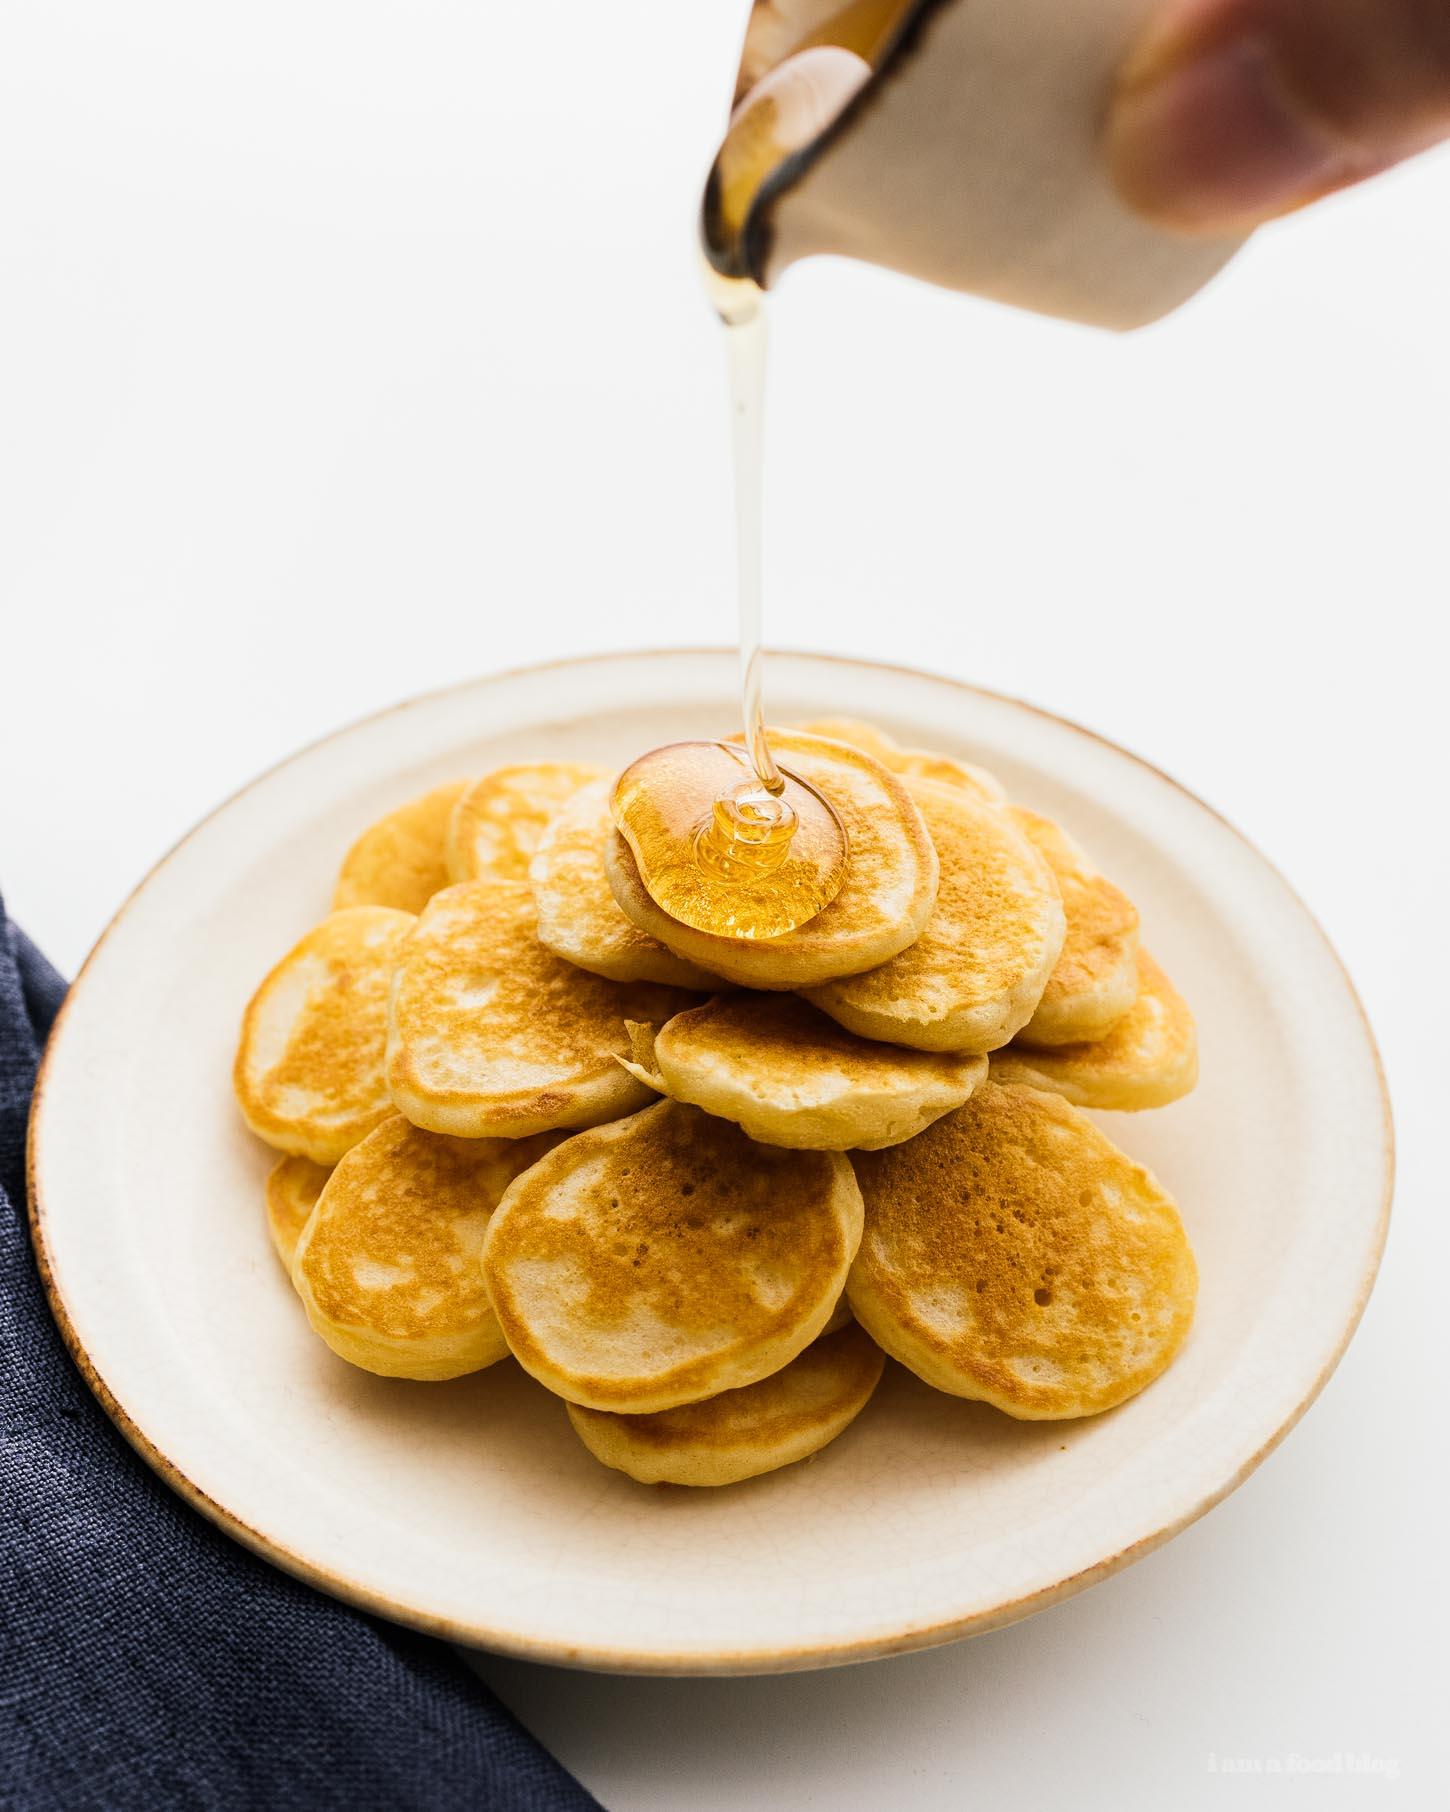 How to make small batch banana pancakes | www.iamafoodblog.com